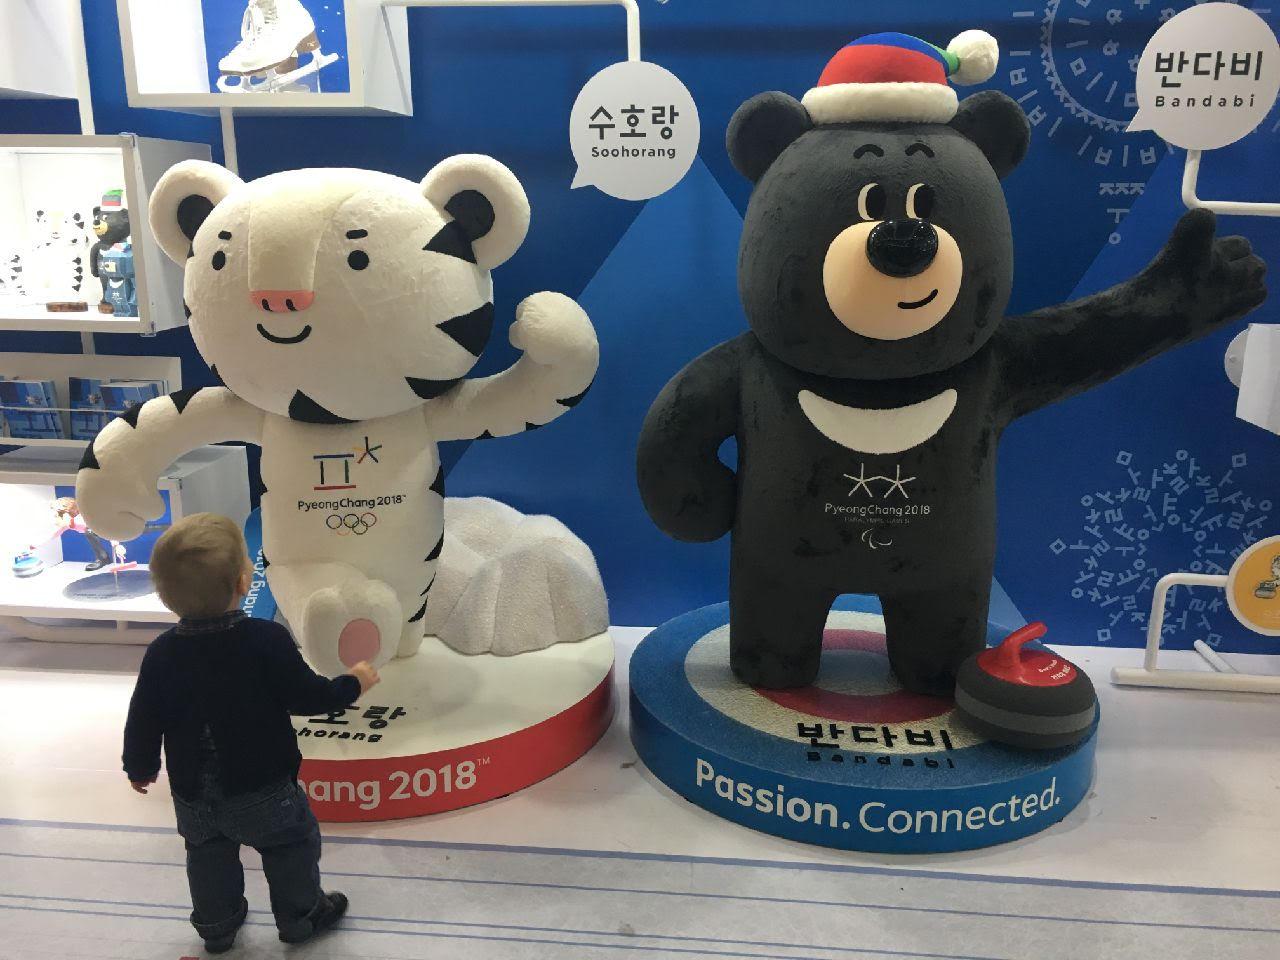 Les mascottes des Jeux : Soohorang, le tigre blanc et Bandabi, le petit ours noir